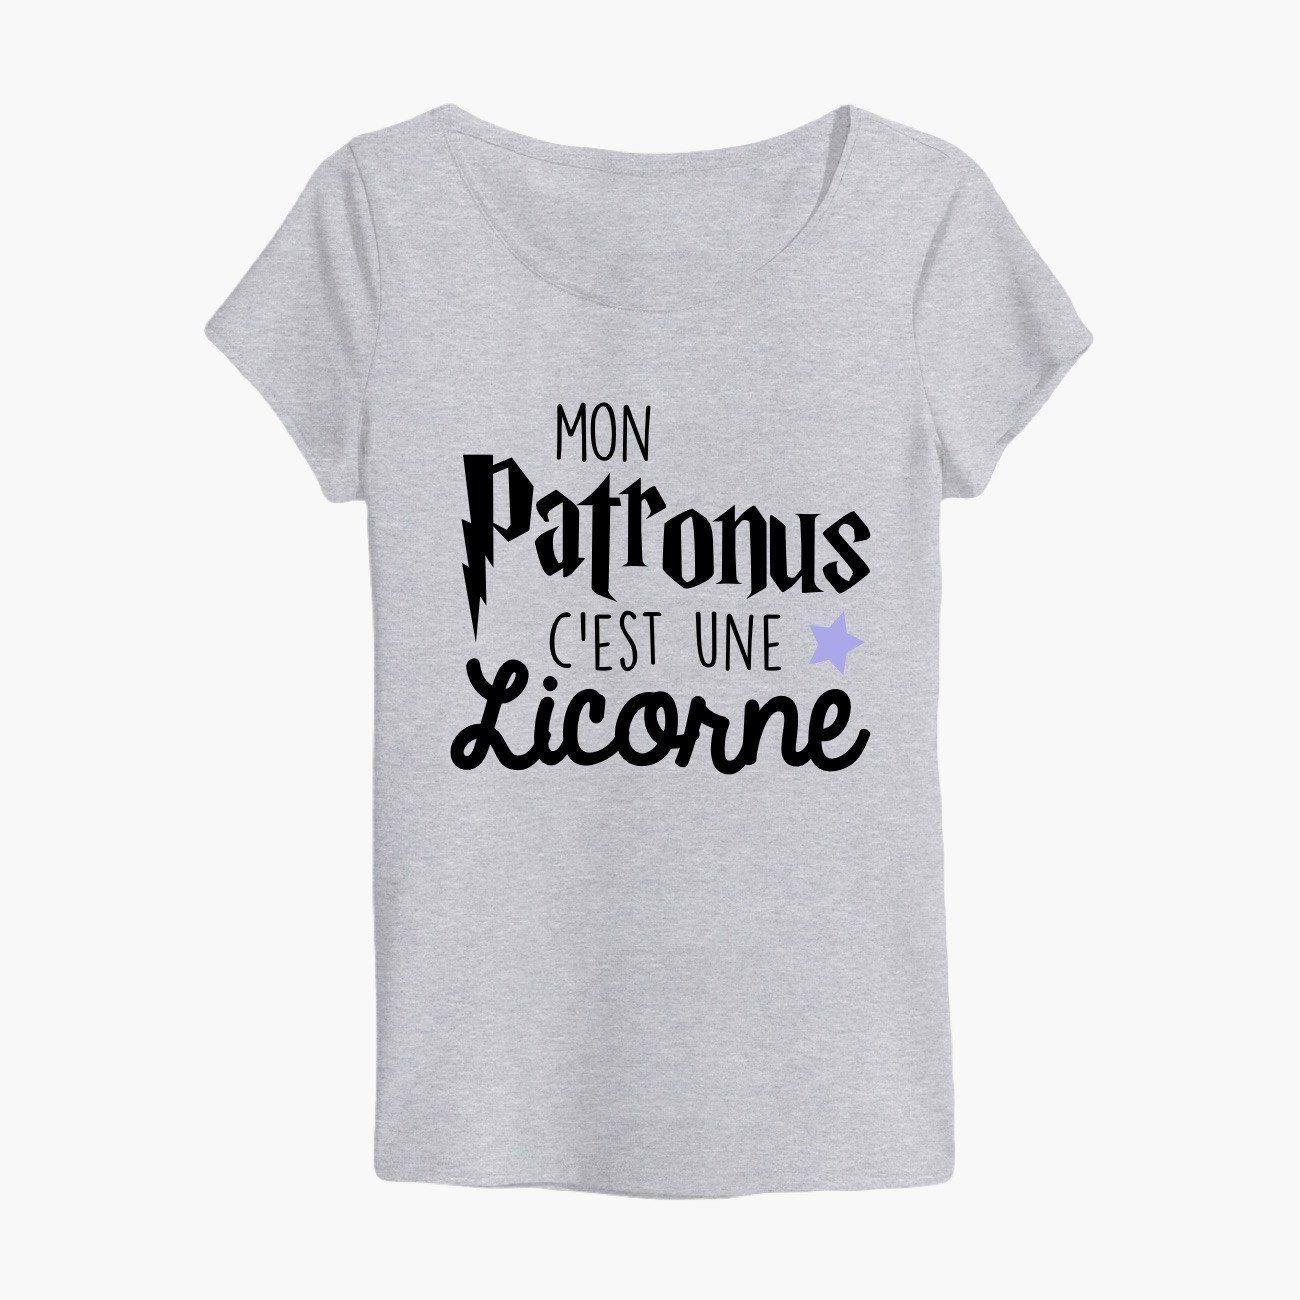 tshirt harry potter mon patronus c 39 est une licorne harry potter tshirt pull sweatshirt. Black Bedroom Furniture Sets. Home Design Ideas